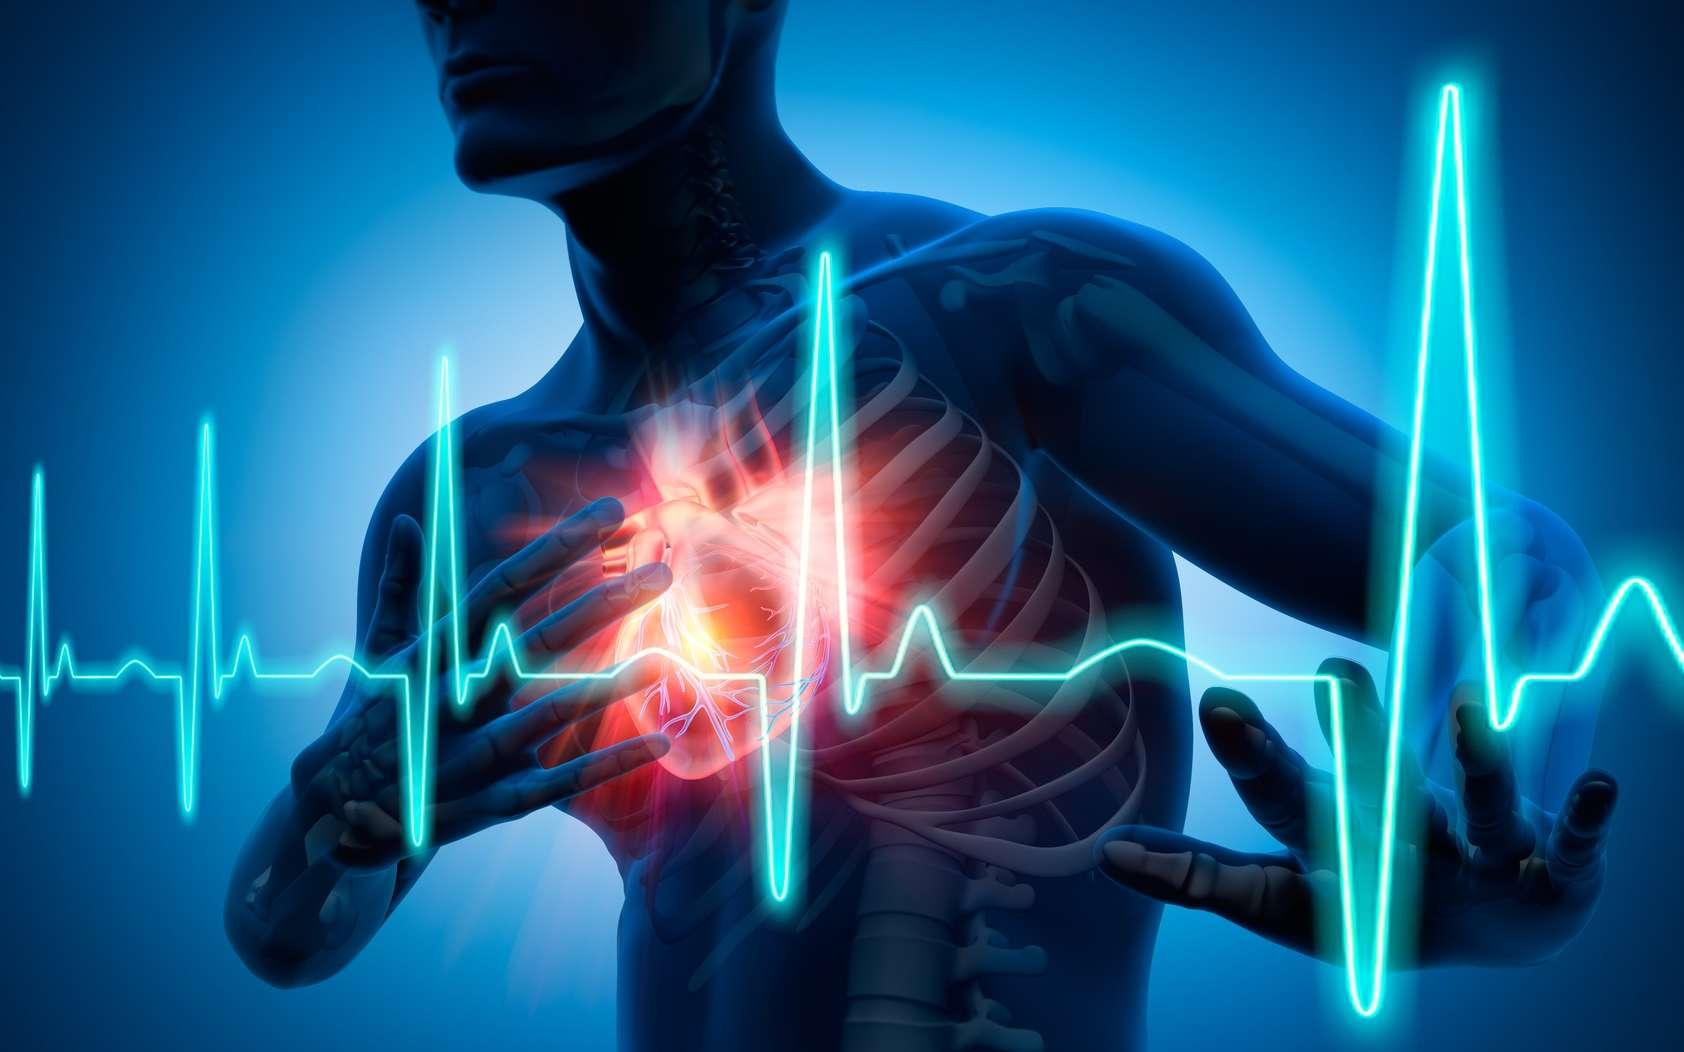 Un patch pourrait réduire les dommages cardiaques après un infarctus du myocarde. © peterschreiber.media, Fotolia